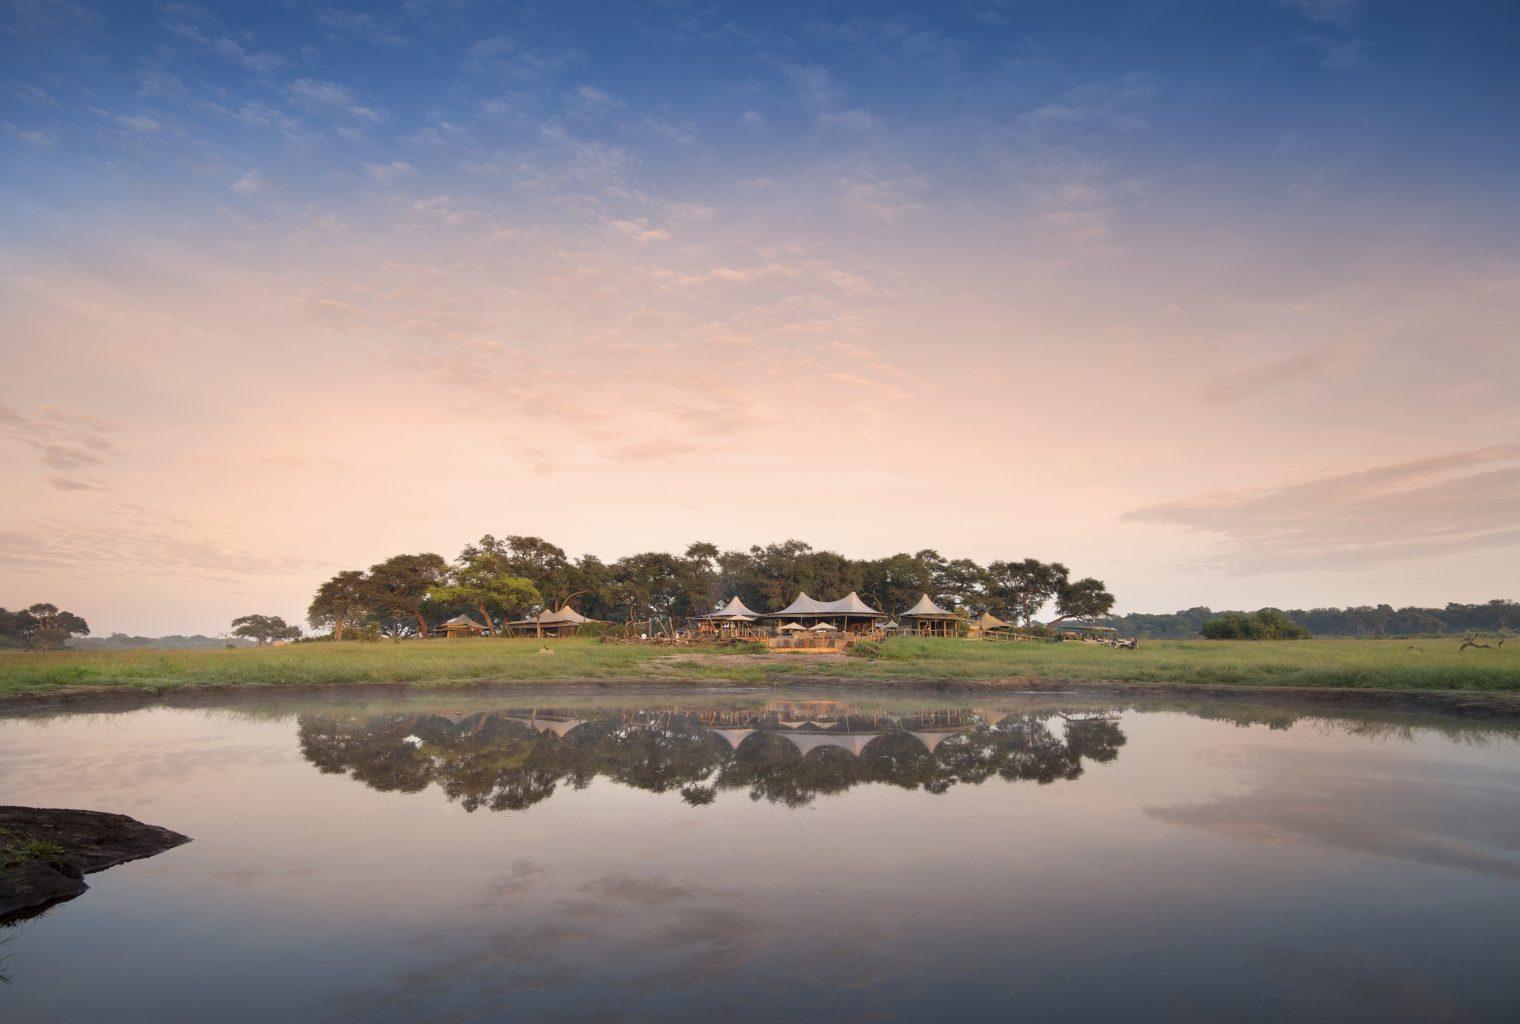 Somalisa Acacia Zimbabwe sunset